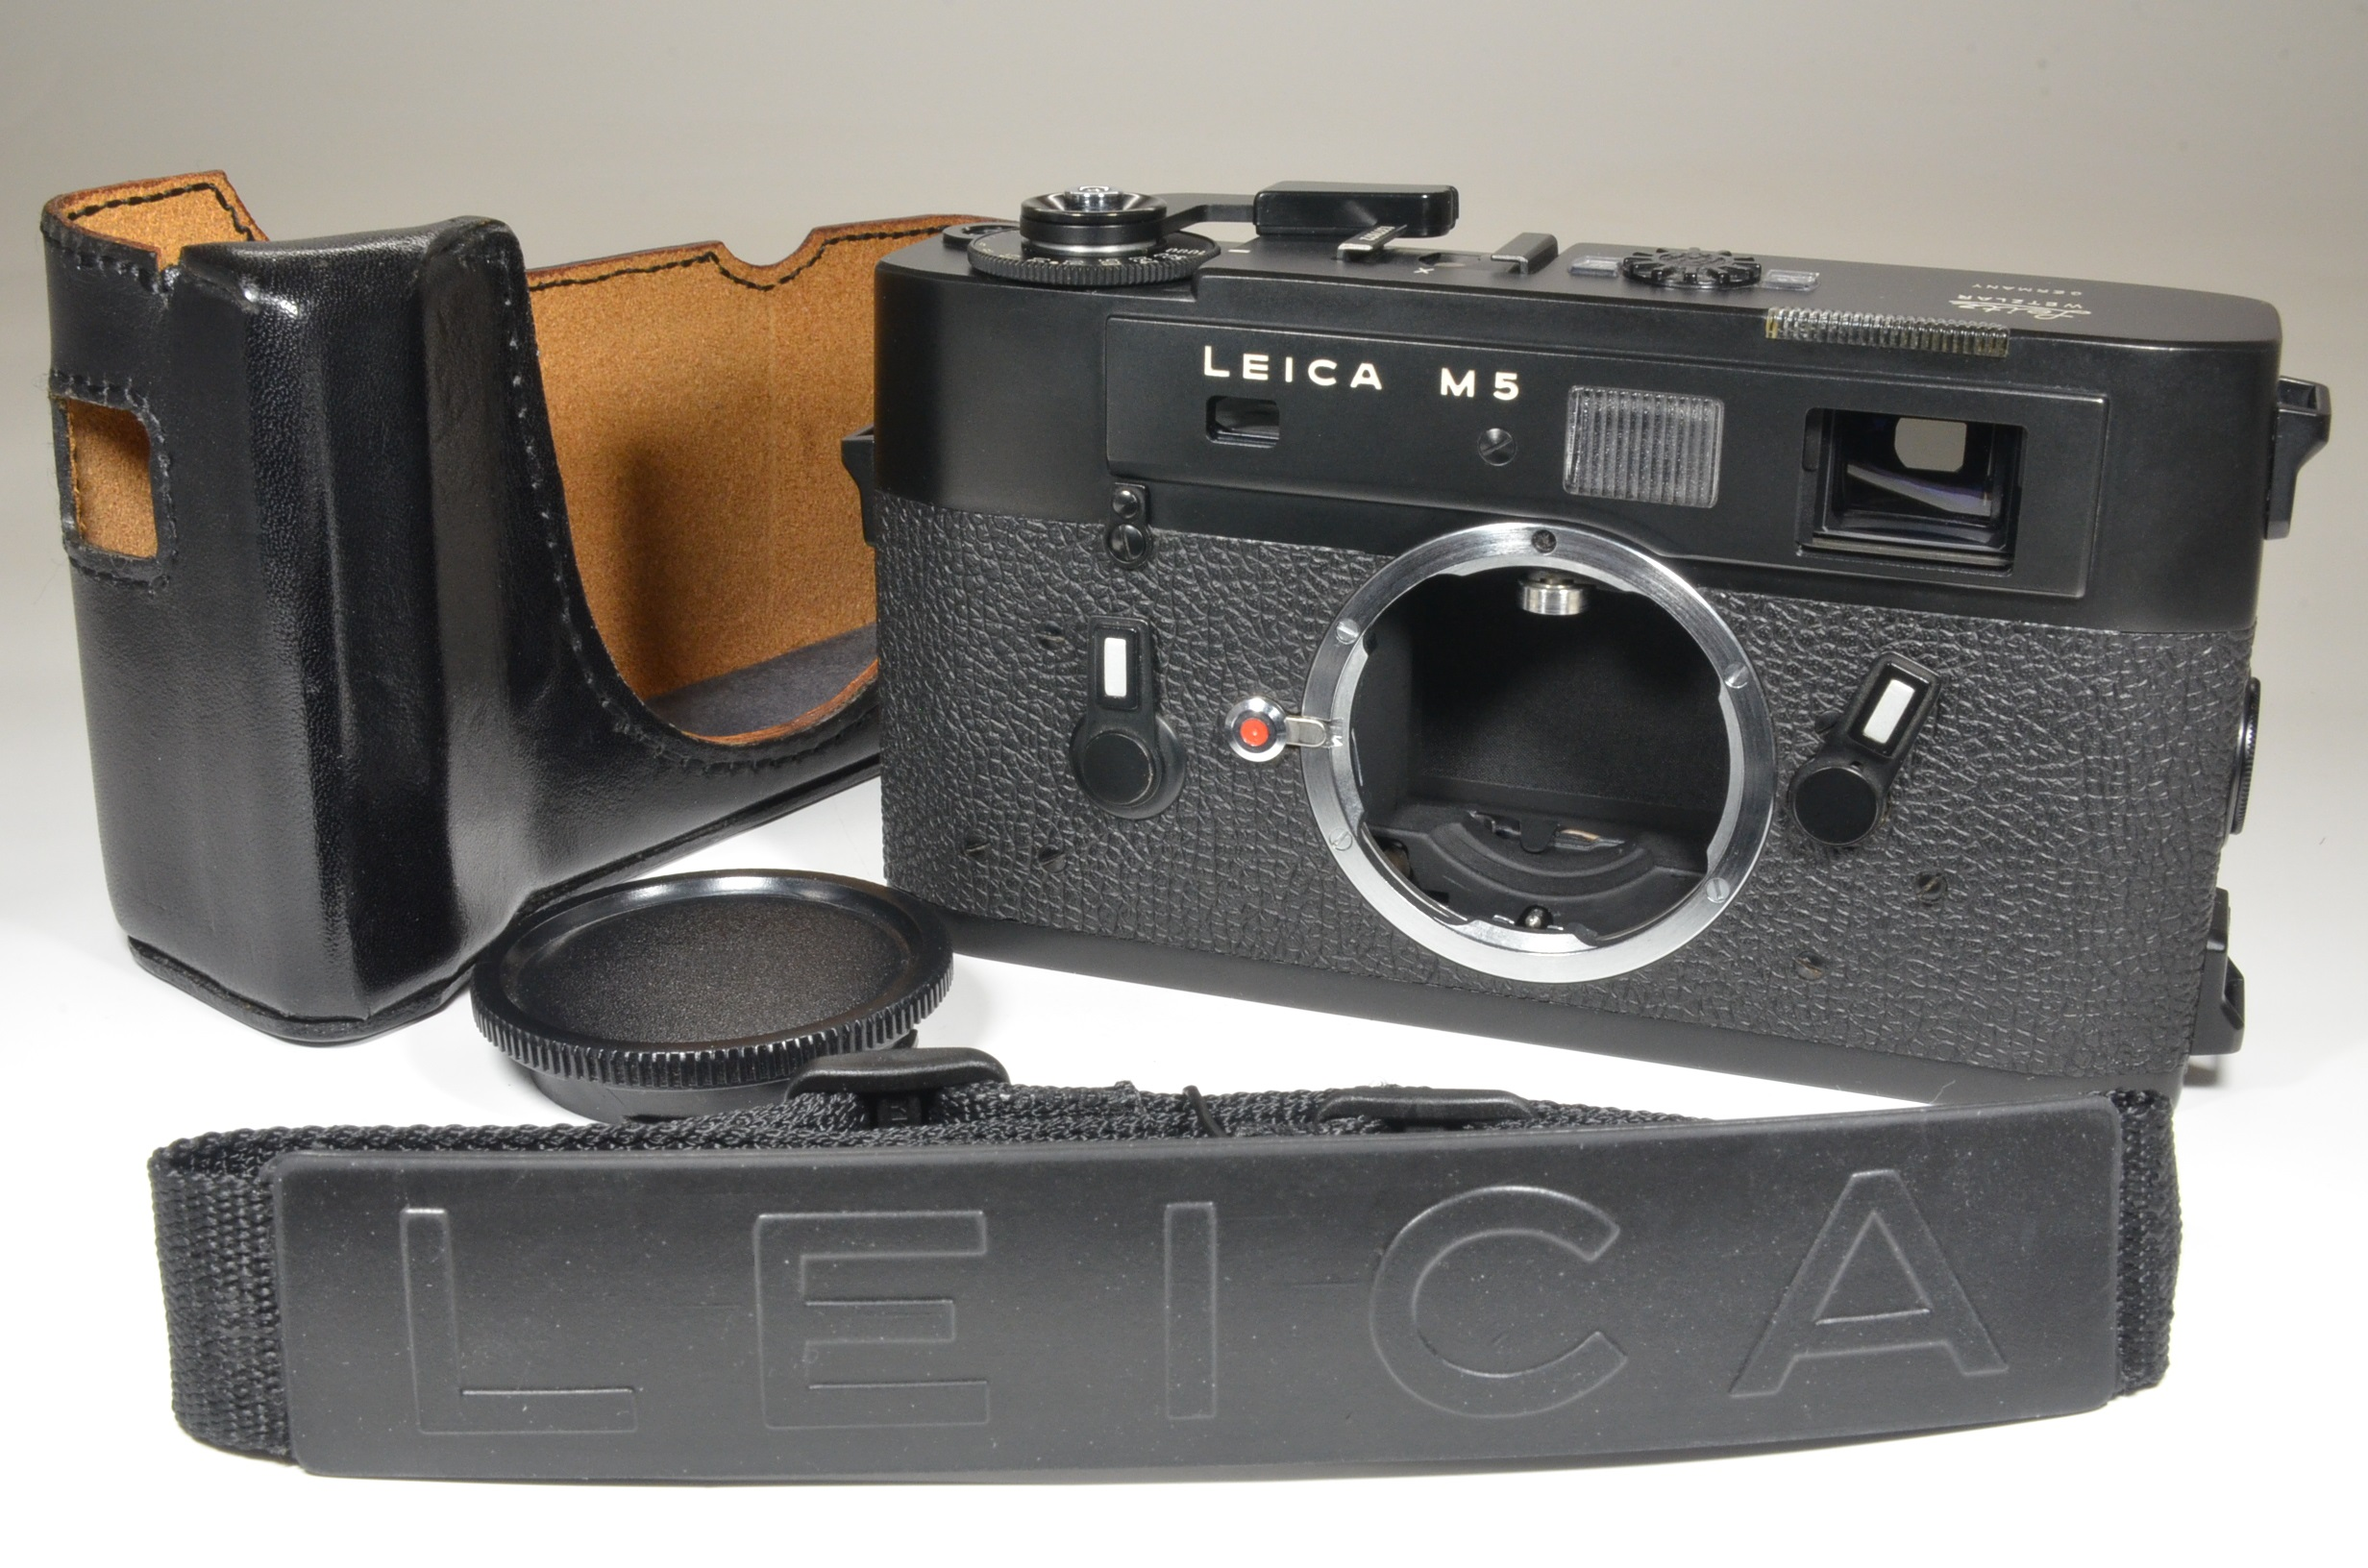 leica m5 black 3 lug serial no.1377872 year 1973 w/ half case